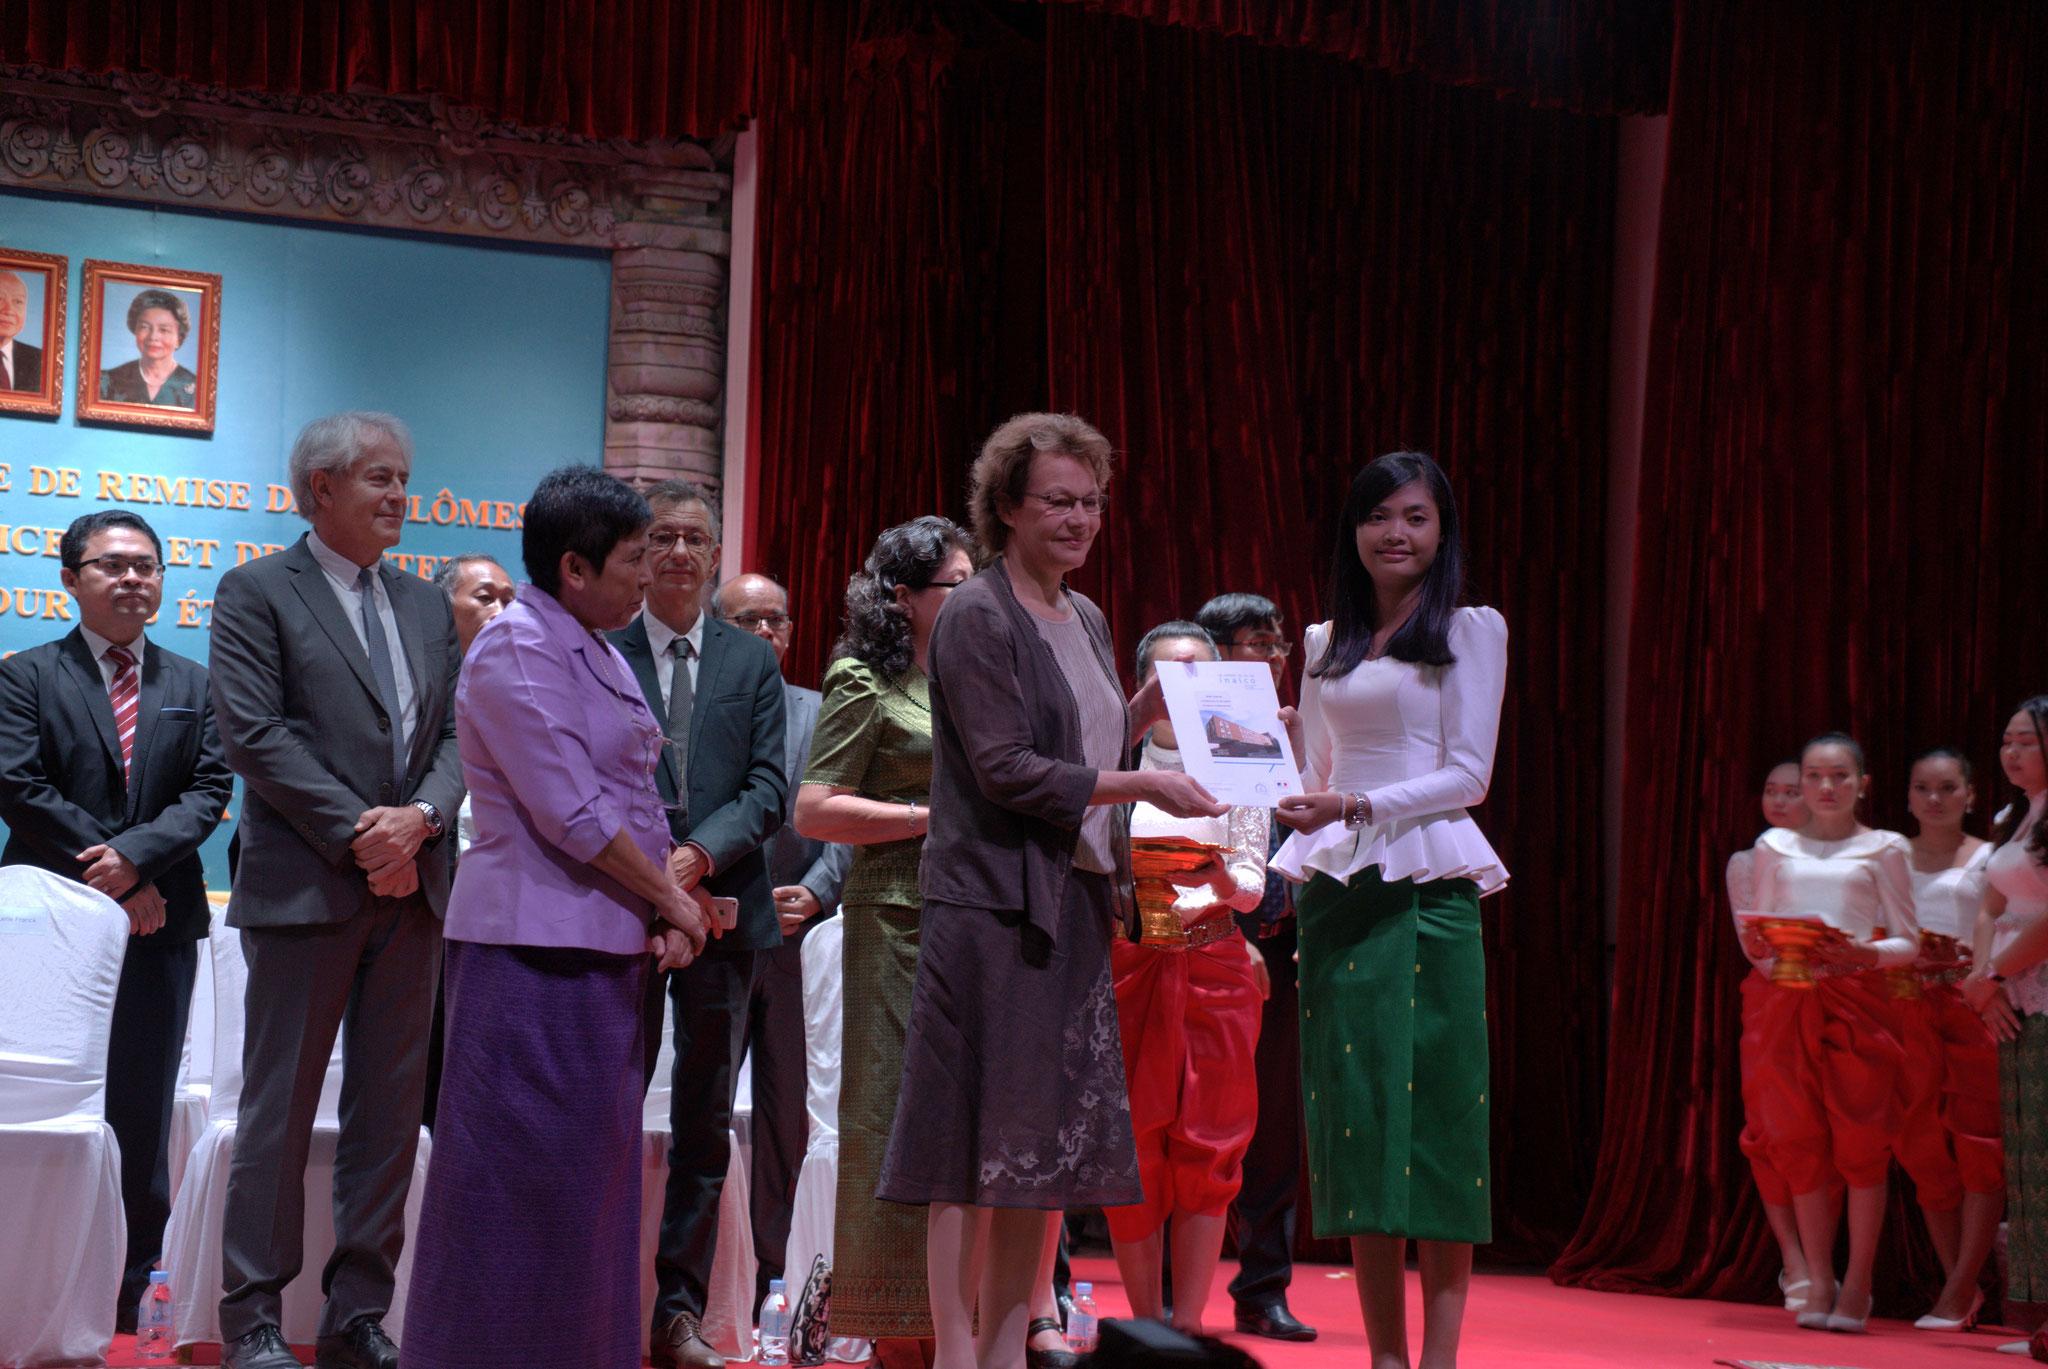 Cérémonie de remise des diplômes, en présence de SE la Ministre de la Culture et la Présidente de l'INALCO, 15 décembre 2016